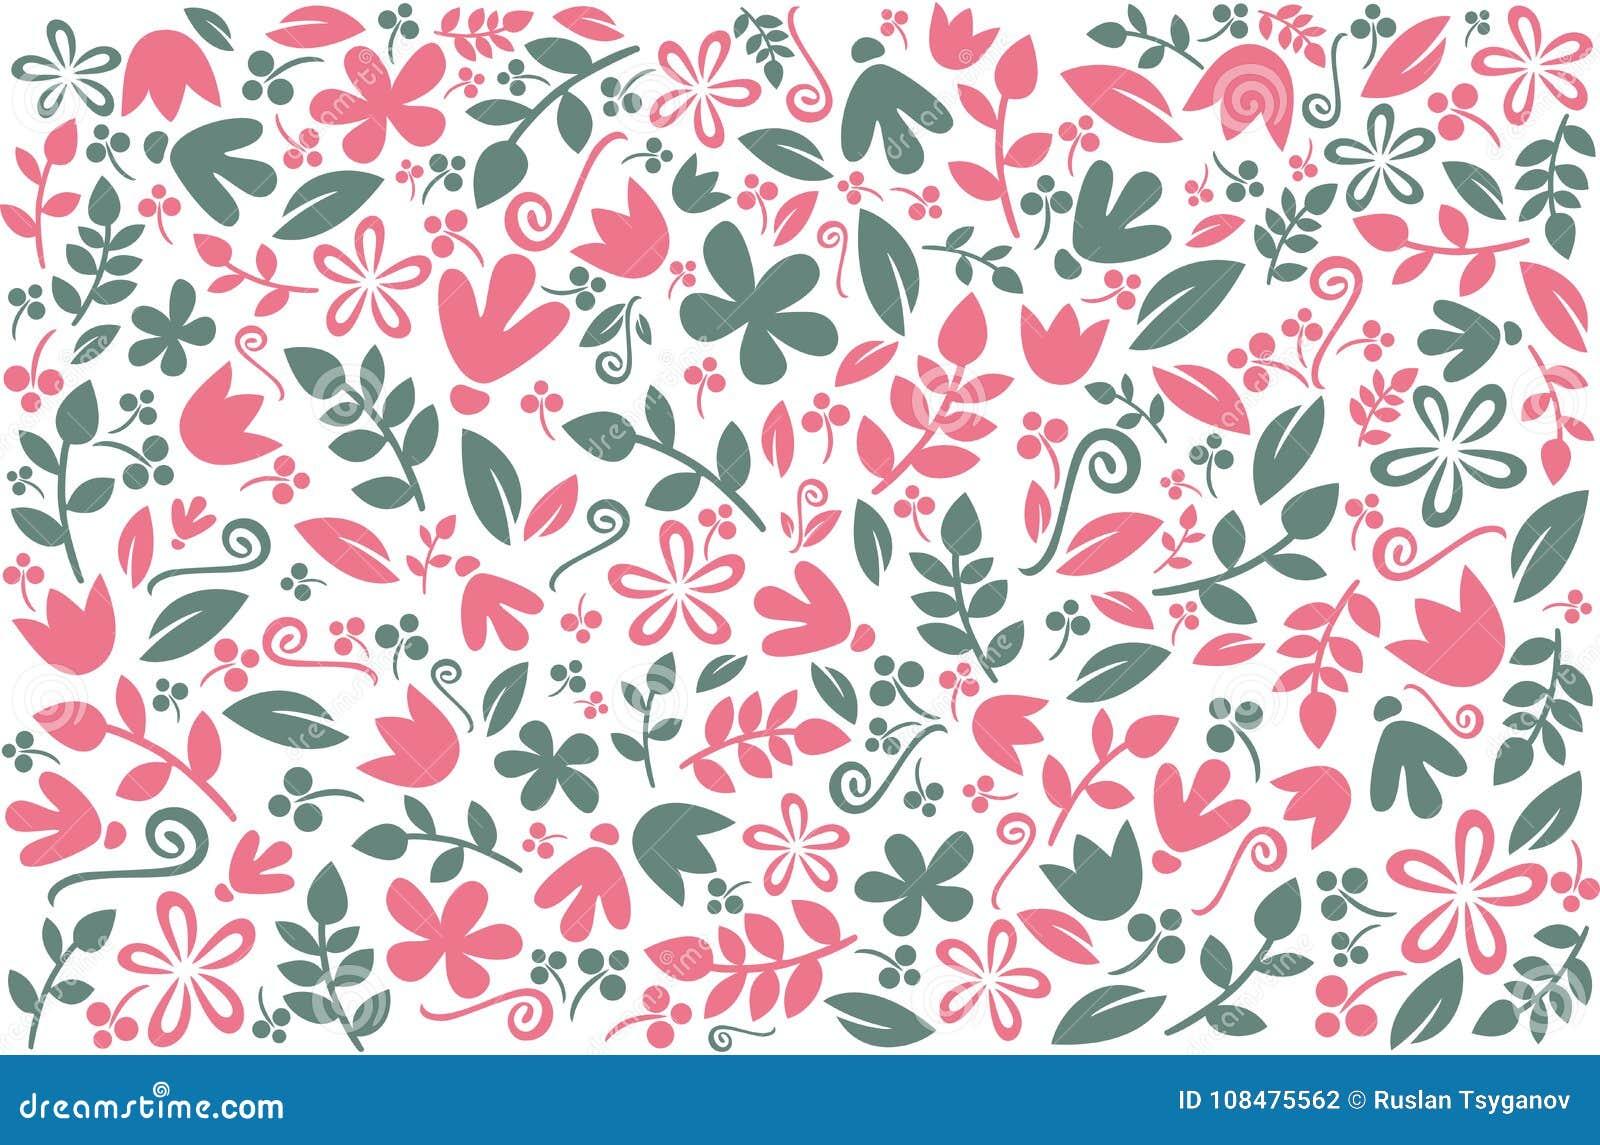 Buntes Hintergrundmit blumendesign Vektorhintergrund mit eleganten Florenelementen Muster mit Blumen für Tapete, Gewebe, Co